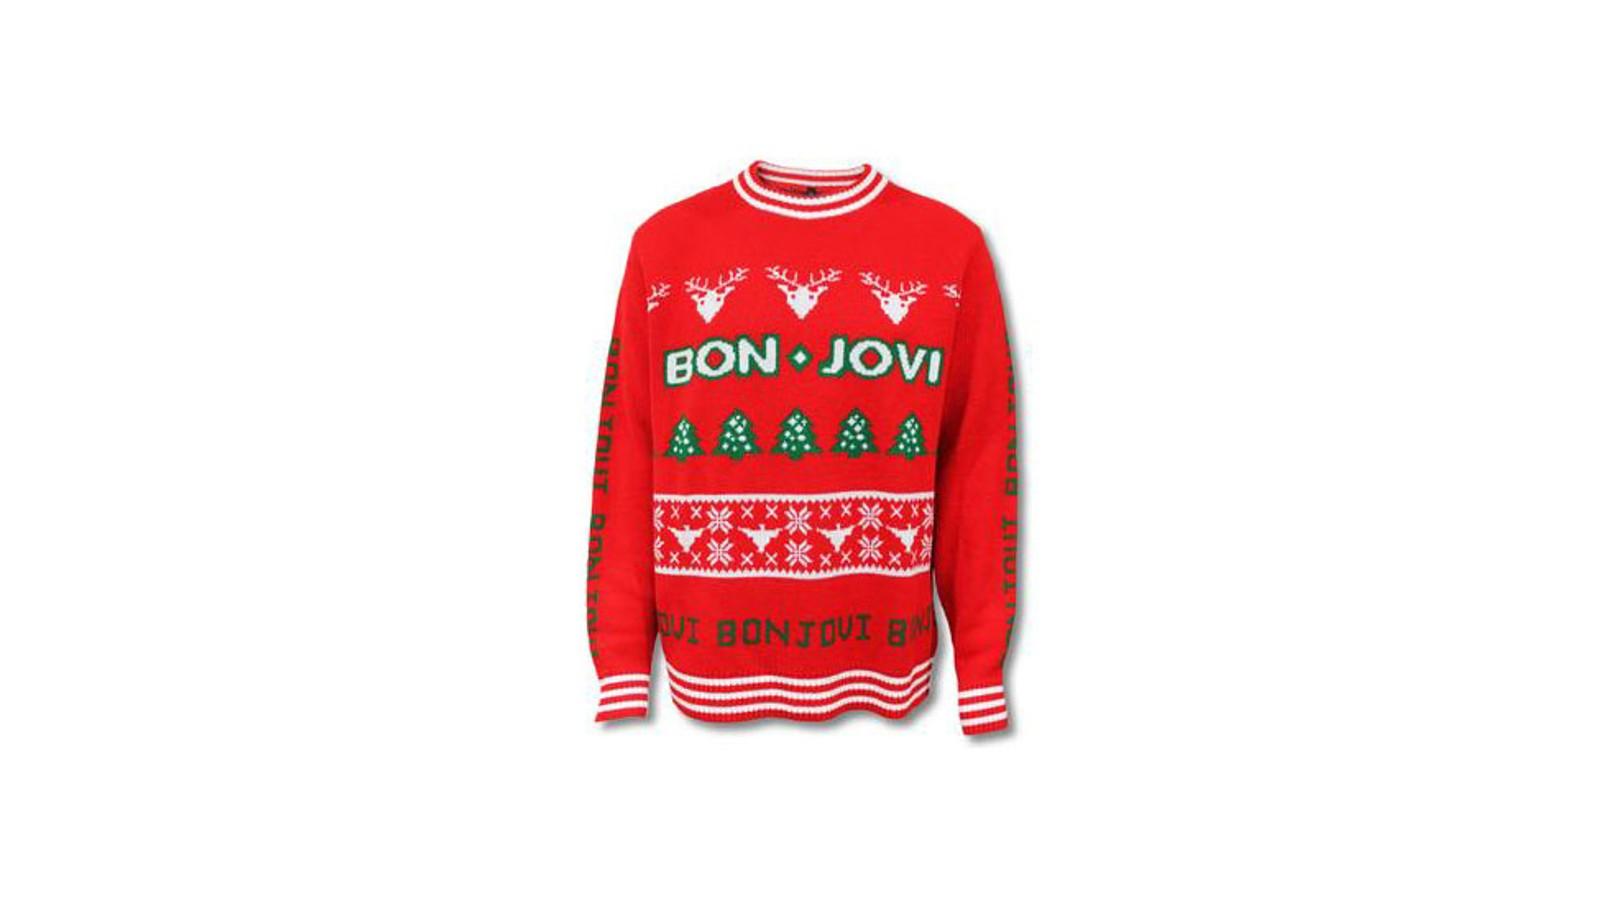 Noen julegensere er mer eksklusive enn andre, og Bon Jovi sin blir spesiallaget i jacquard til alle som forhåndsbestiller den. Et lydklipp med låta «Run Rudolph Run» sammen med denne genseren vil være en perfekt julegave til en Bon Jovi-fan.